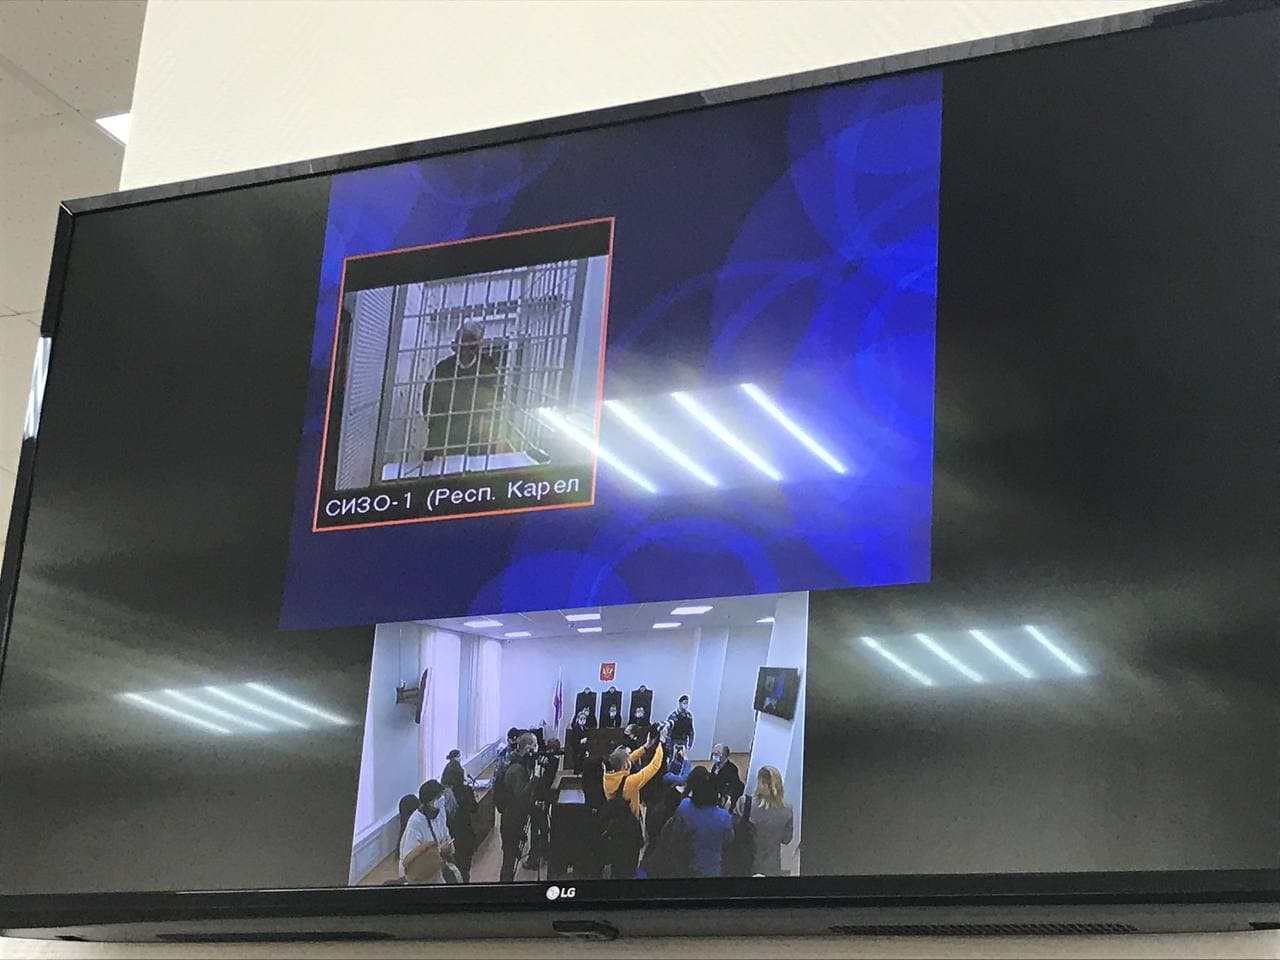 фото ЗакС политика Кассационный суд оставил в силе приговор историку Дмитриеву